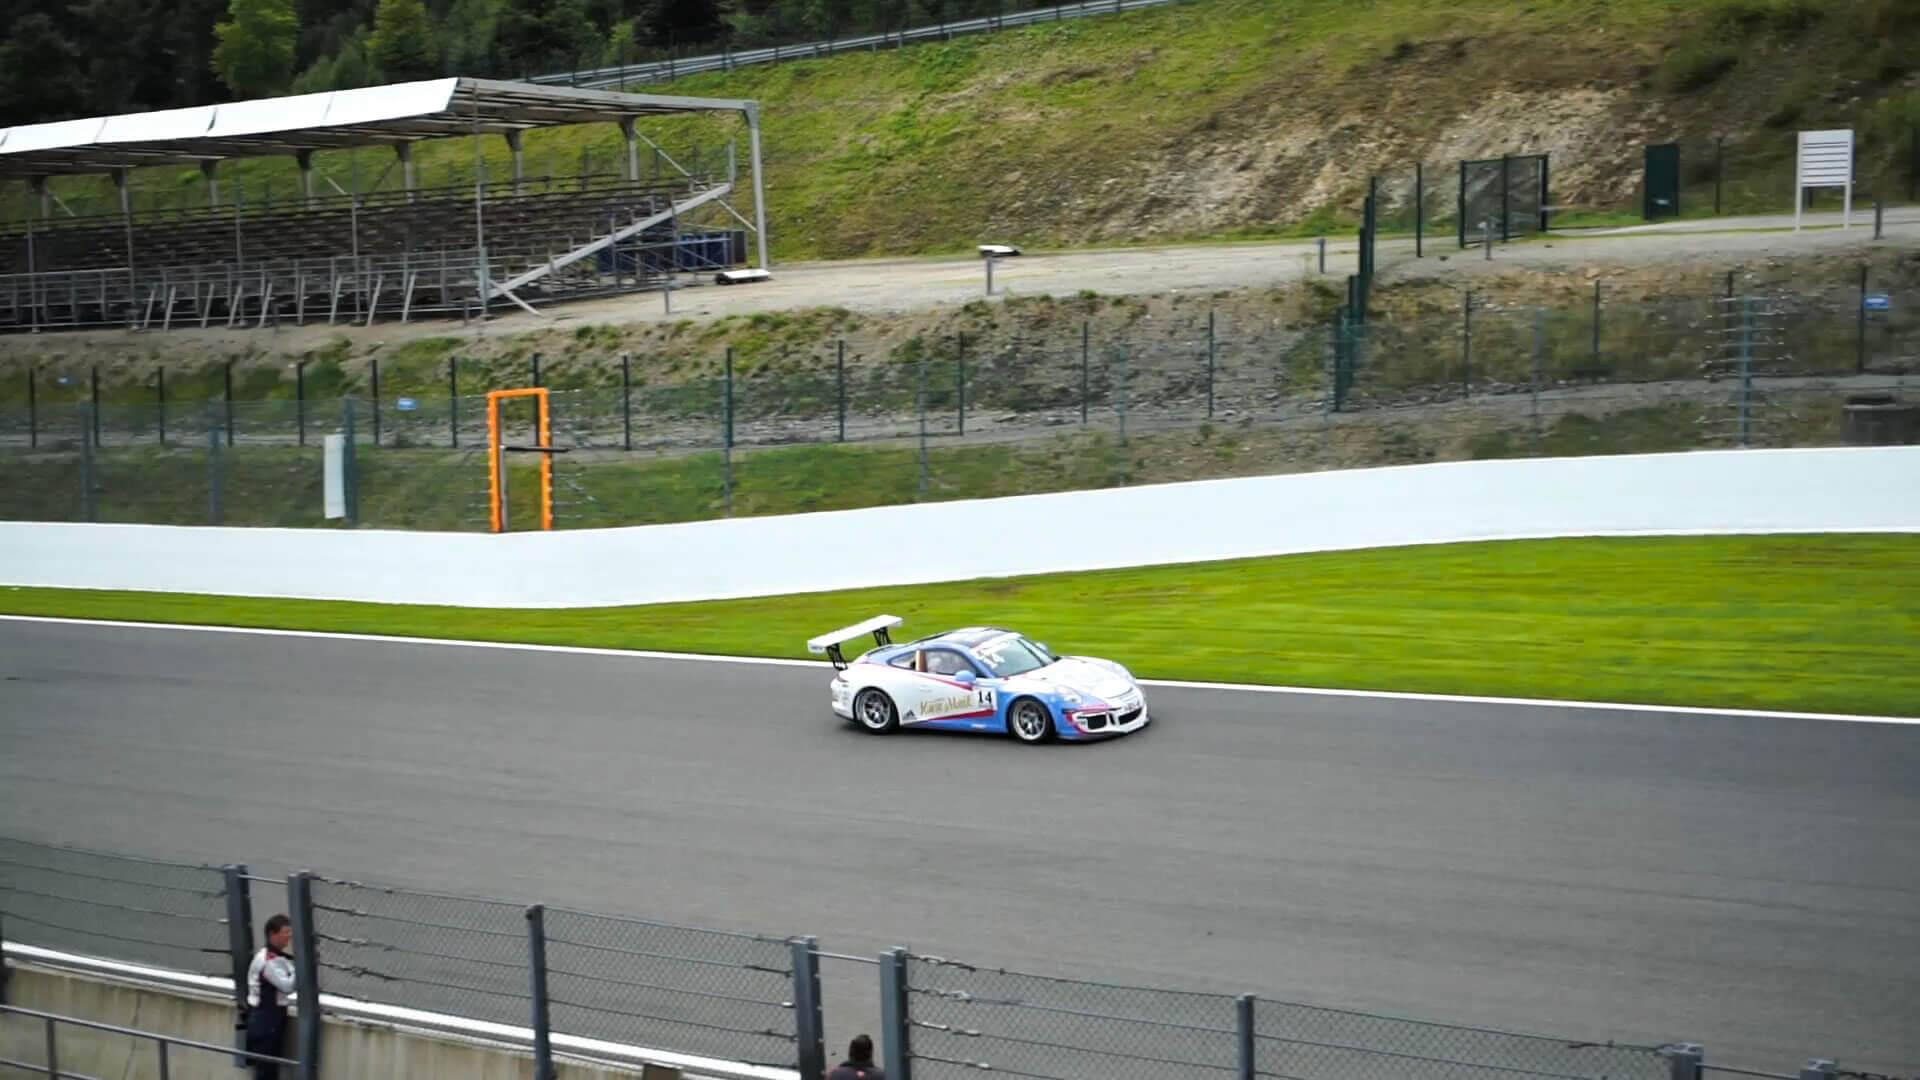 Der Porsche 911 GT3 auf der Rennstrecke während den Produktionsarbeiten des 360° Virtual Reality Films.